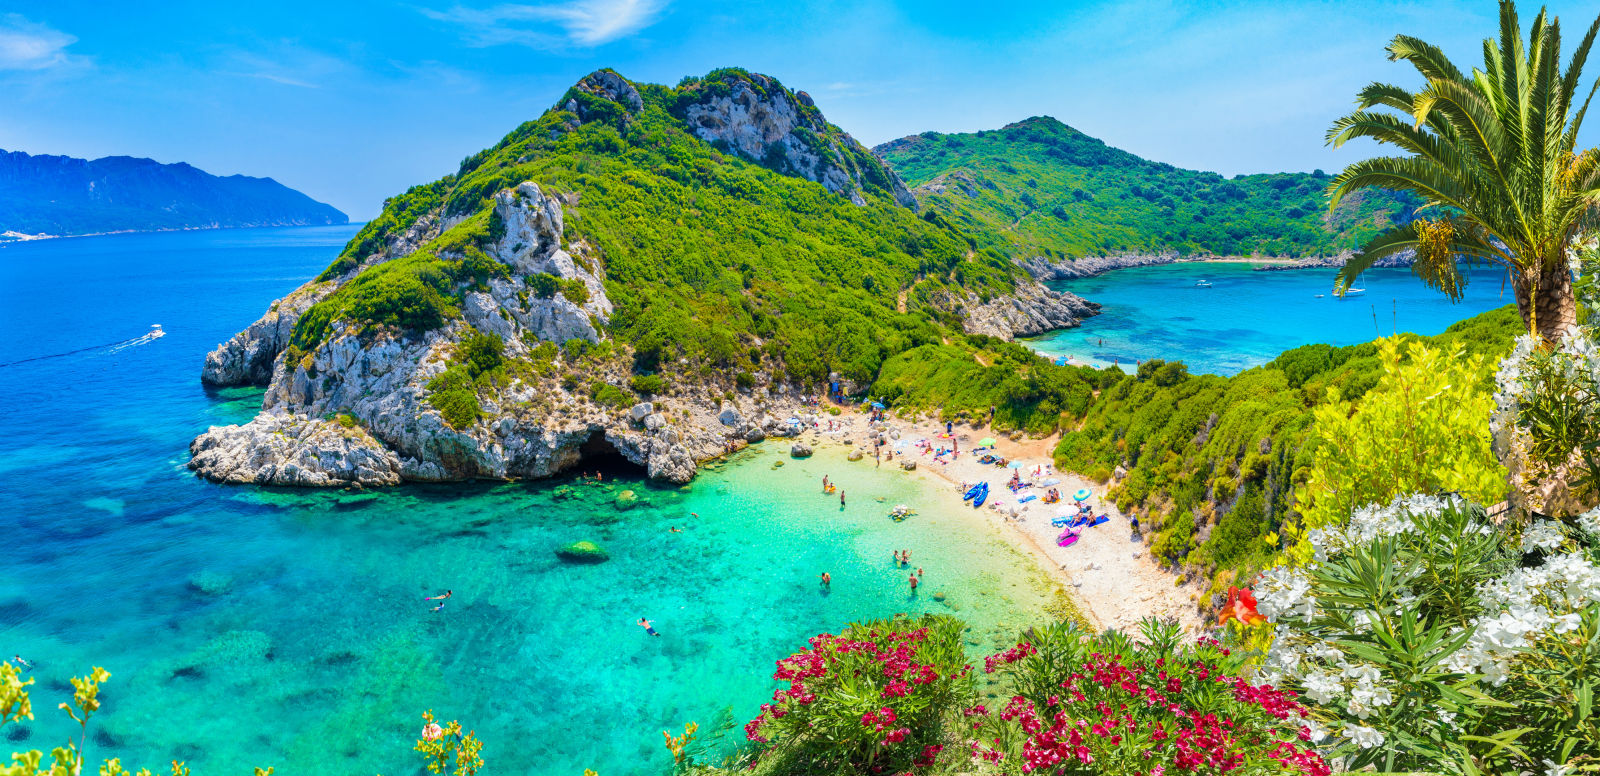 Bucht auf Korfu mit türkisblauem Wasser